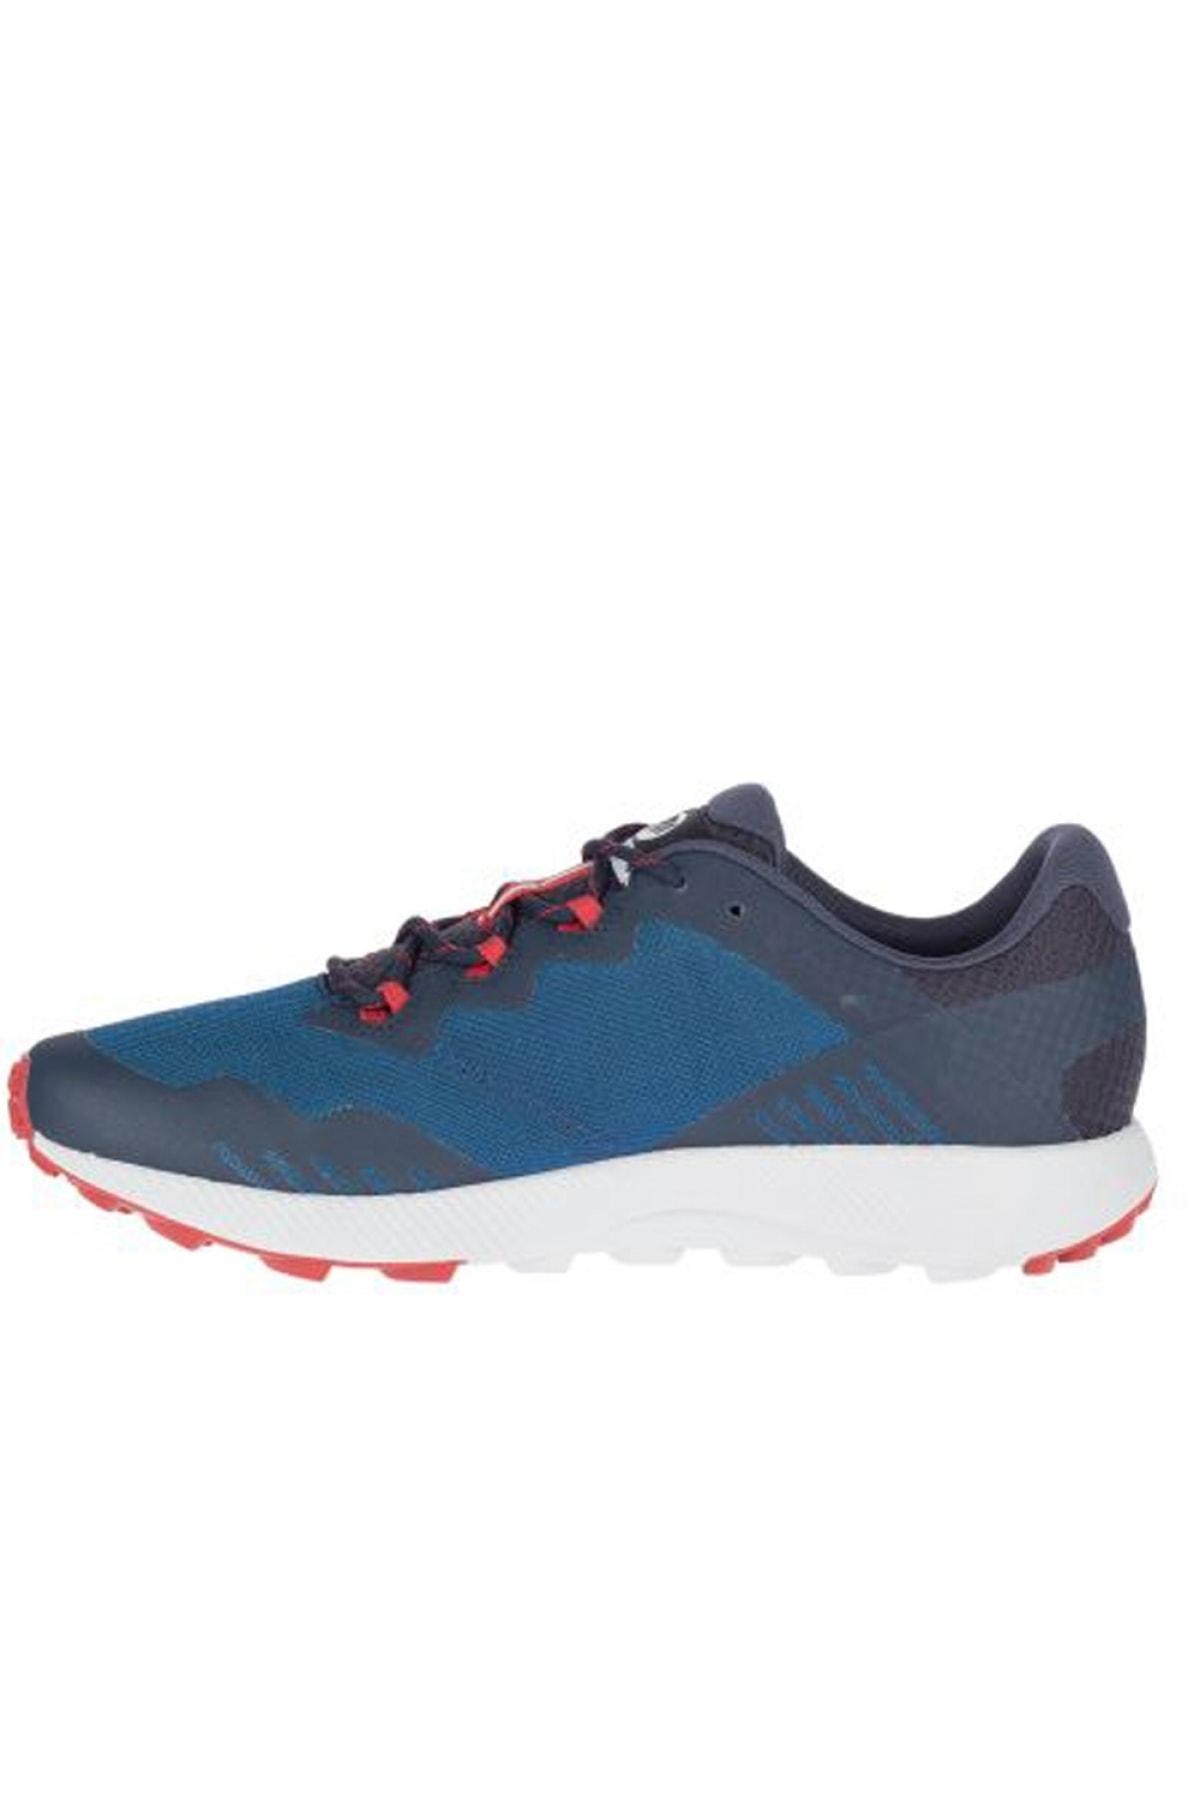 Merrell Fluxıon Erkek Outdoor Koşu Ayakkabısı 2